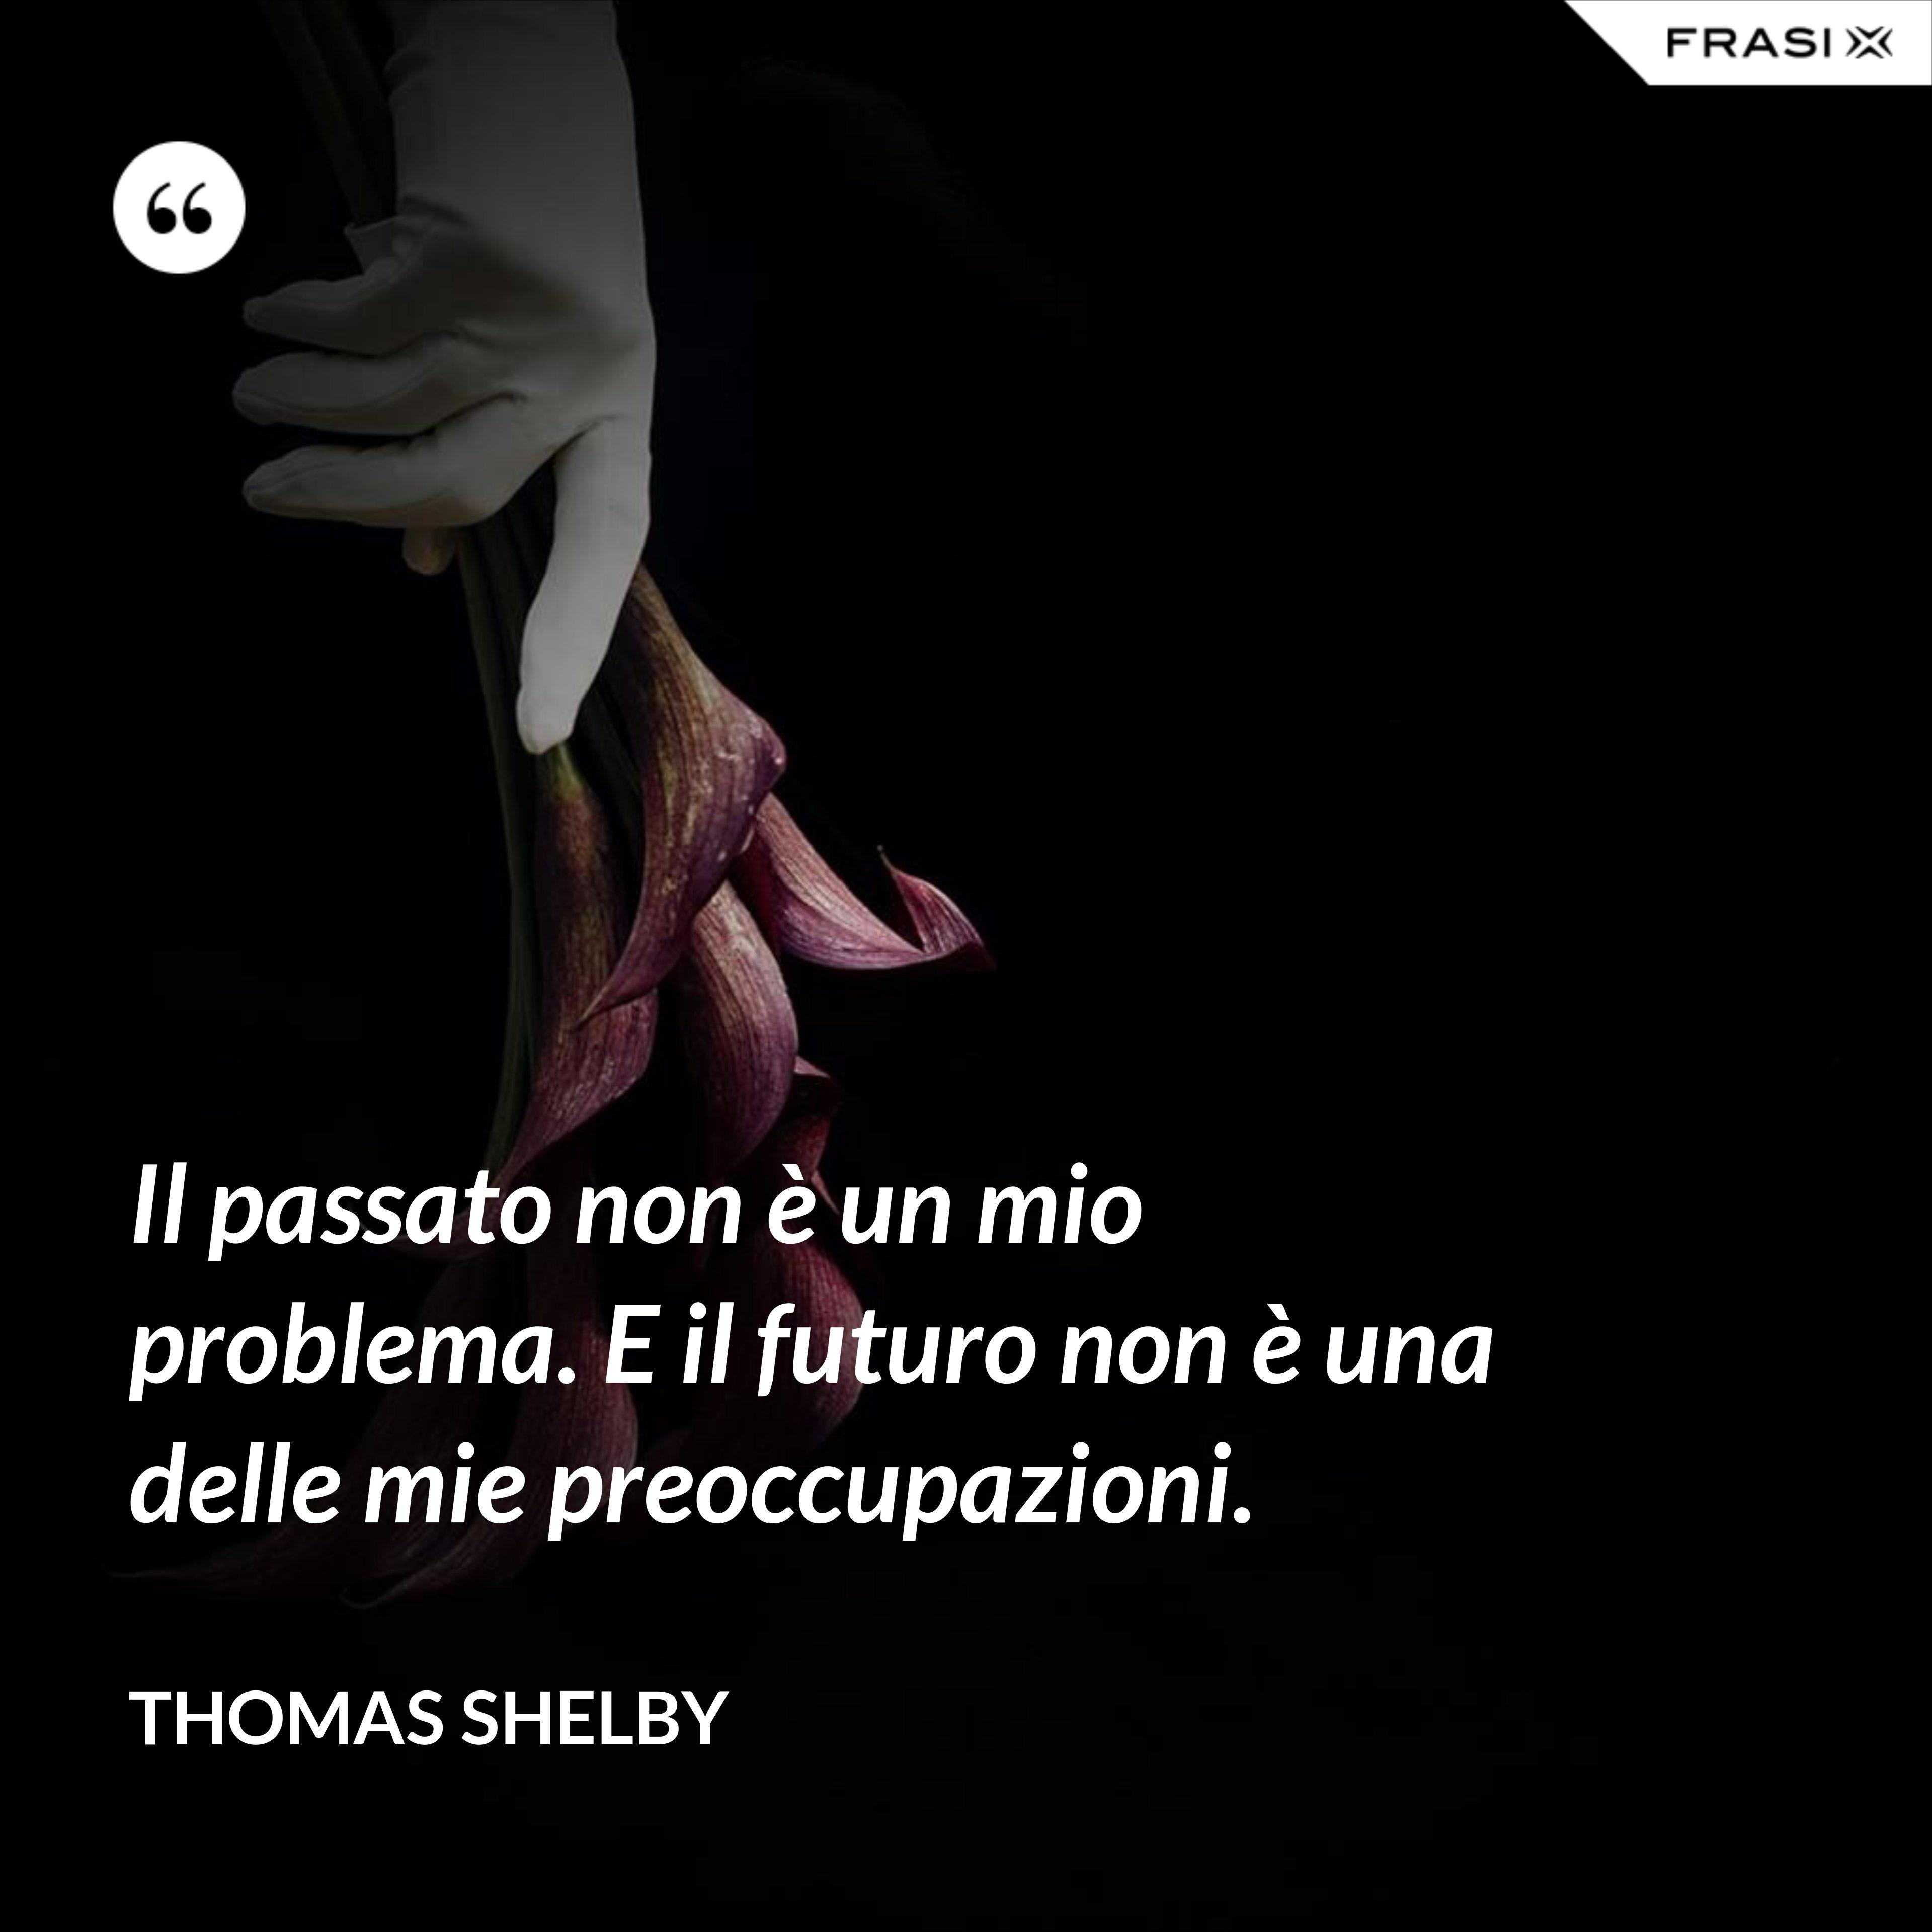 Il passato non è un mio problema. E il futuro non è una delle mie preoccupazioni. - Thomas Shelby